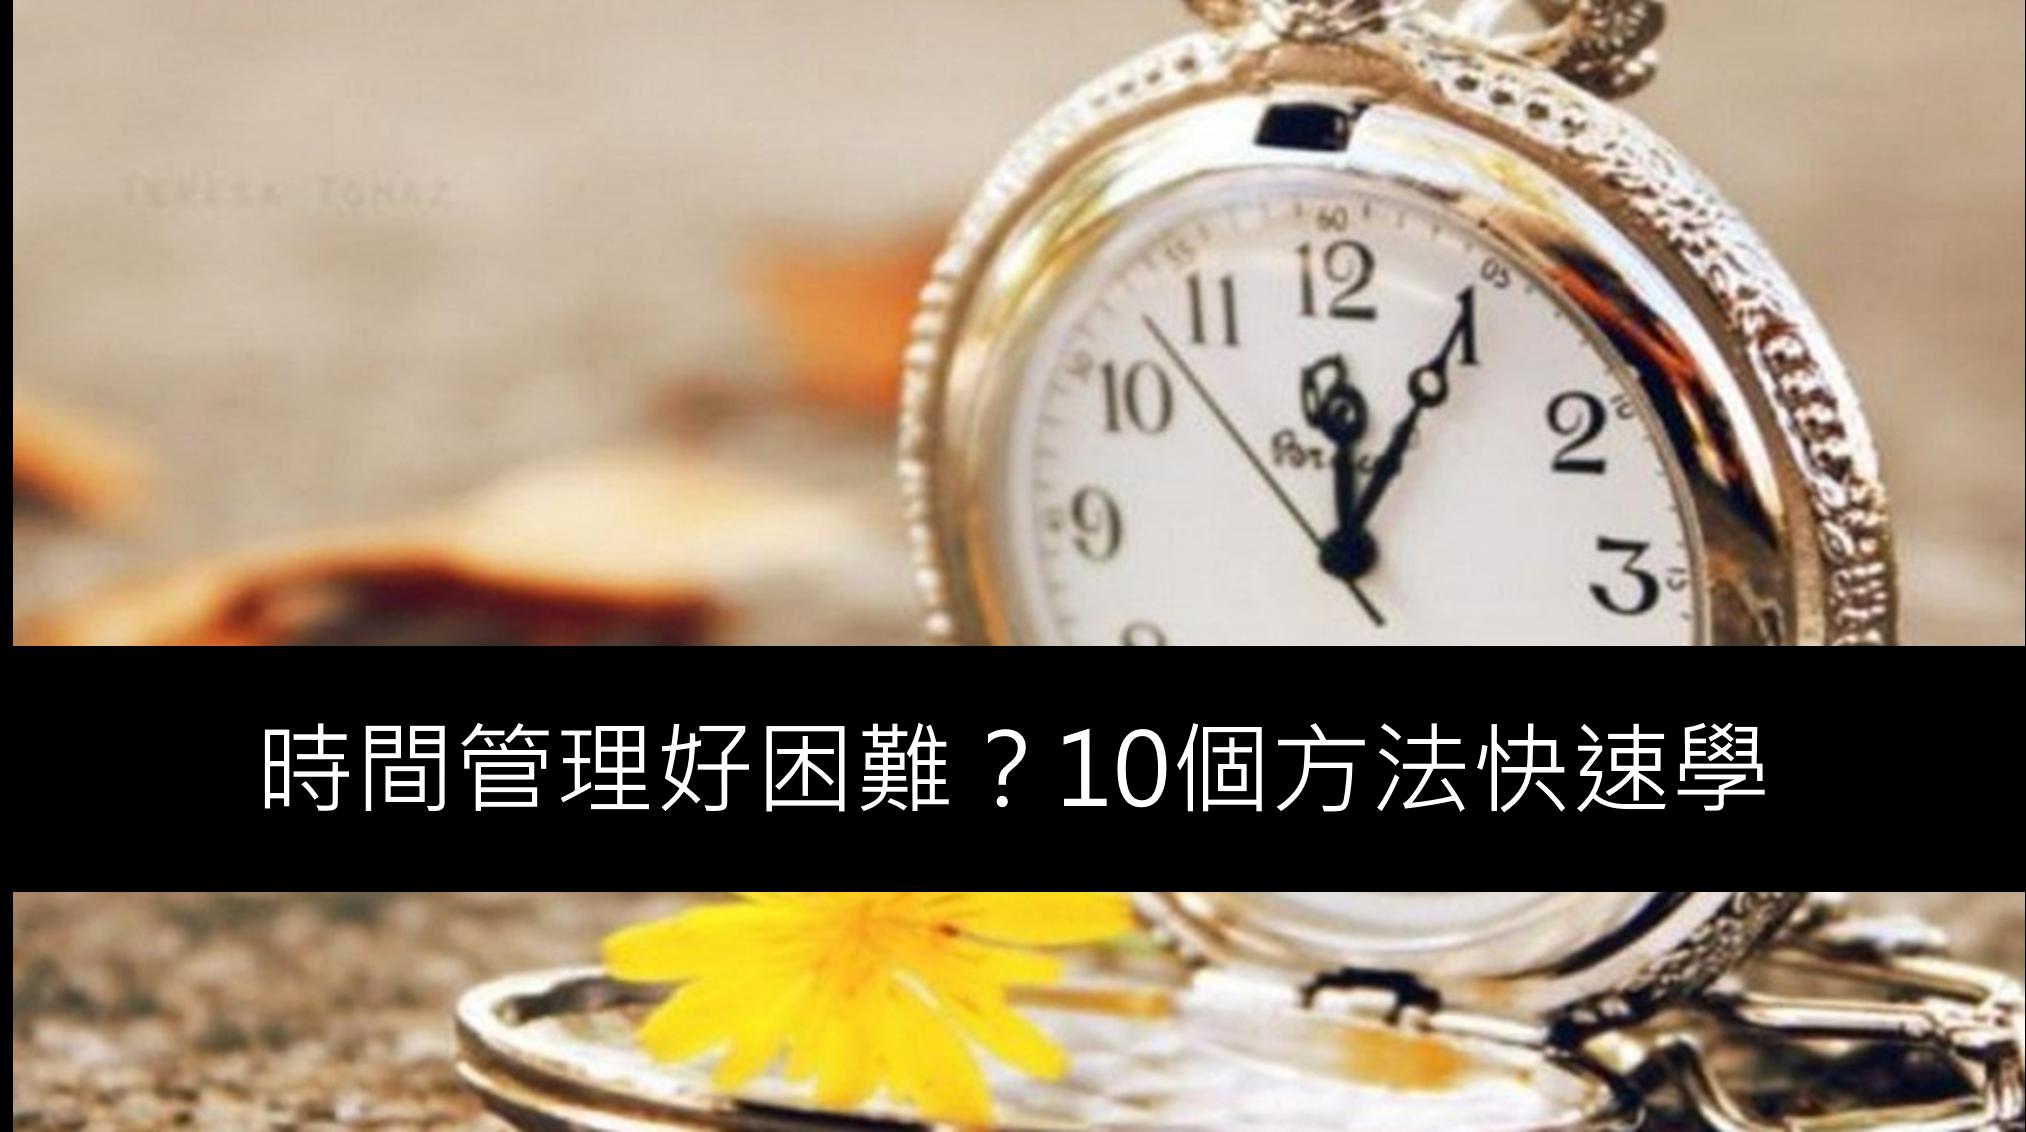 如何做好時間管理?10個方法快速學會善用時間的方法